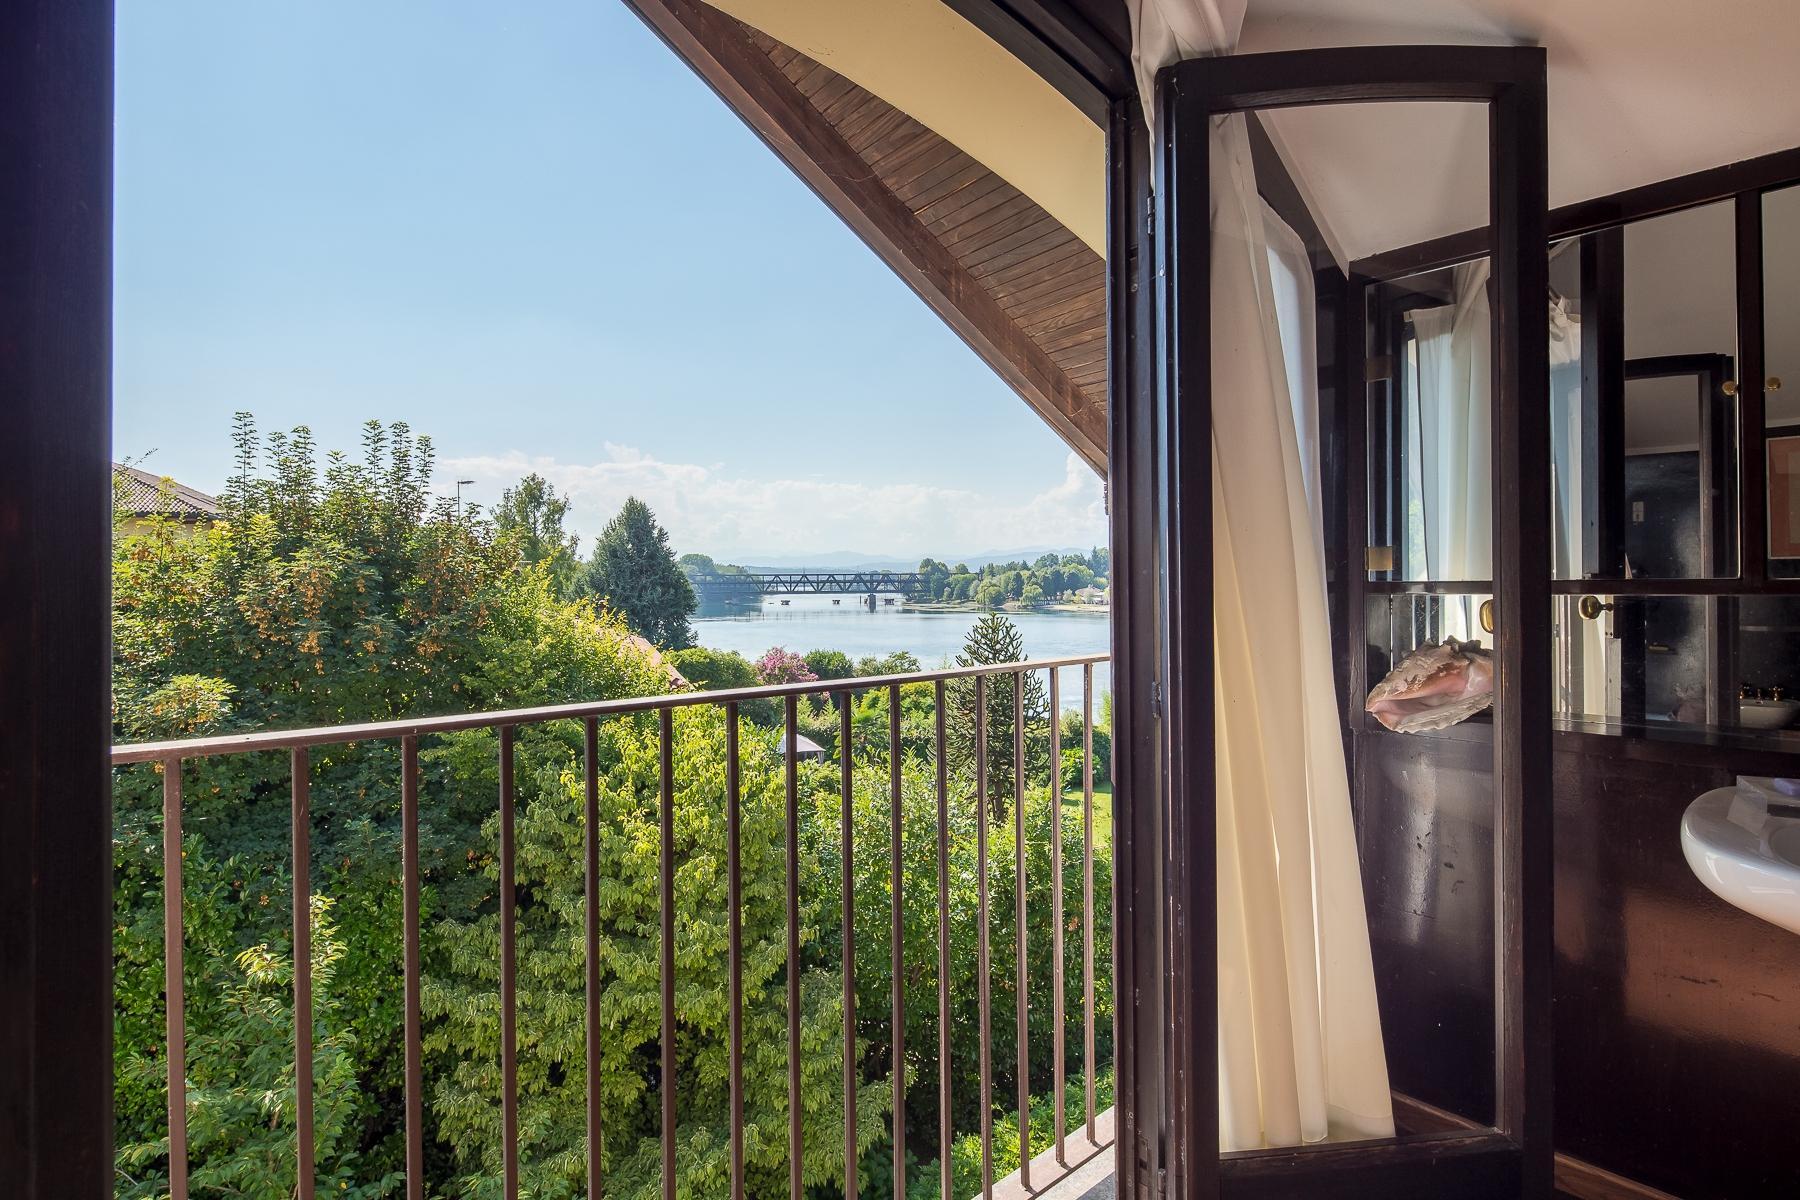 位于Ticino河岸边配有游泳池的别墅 - 17